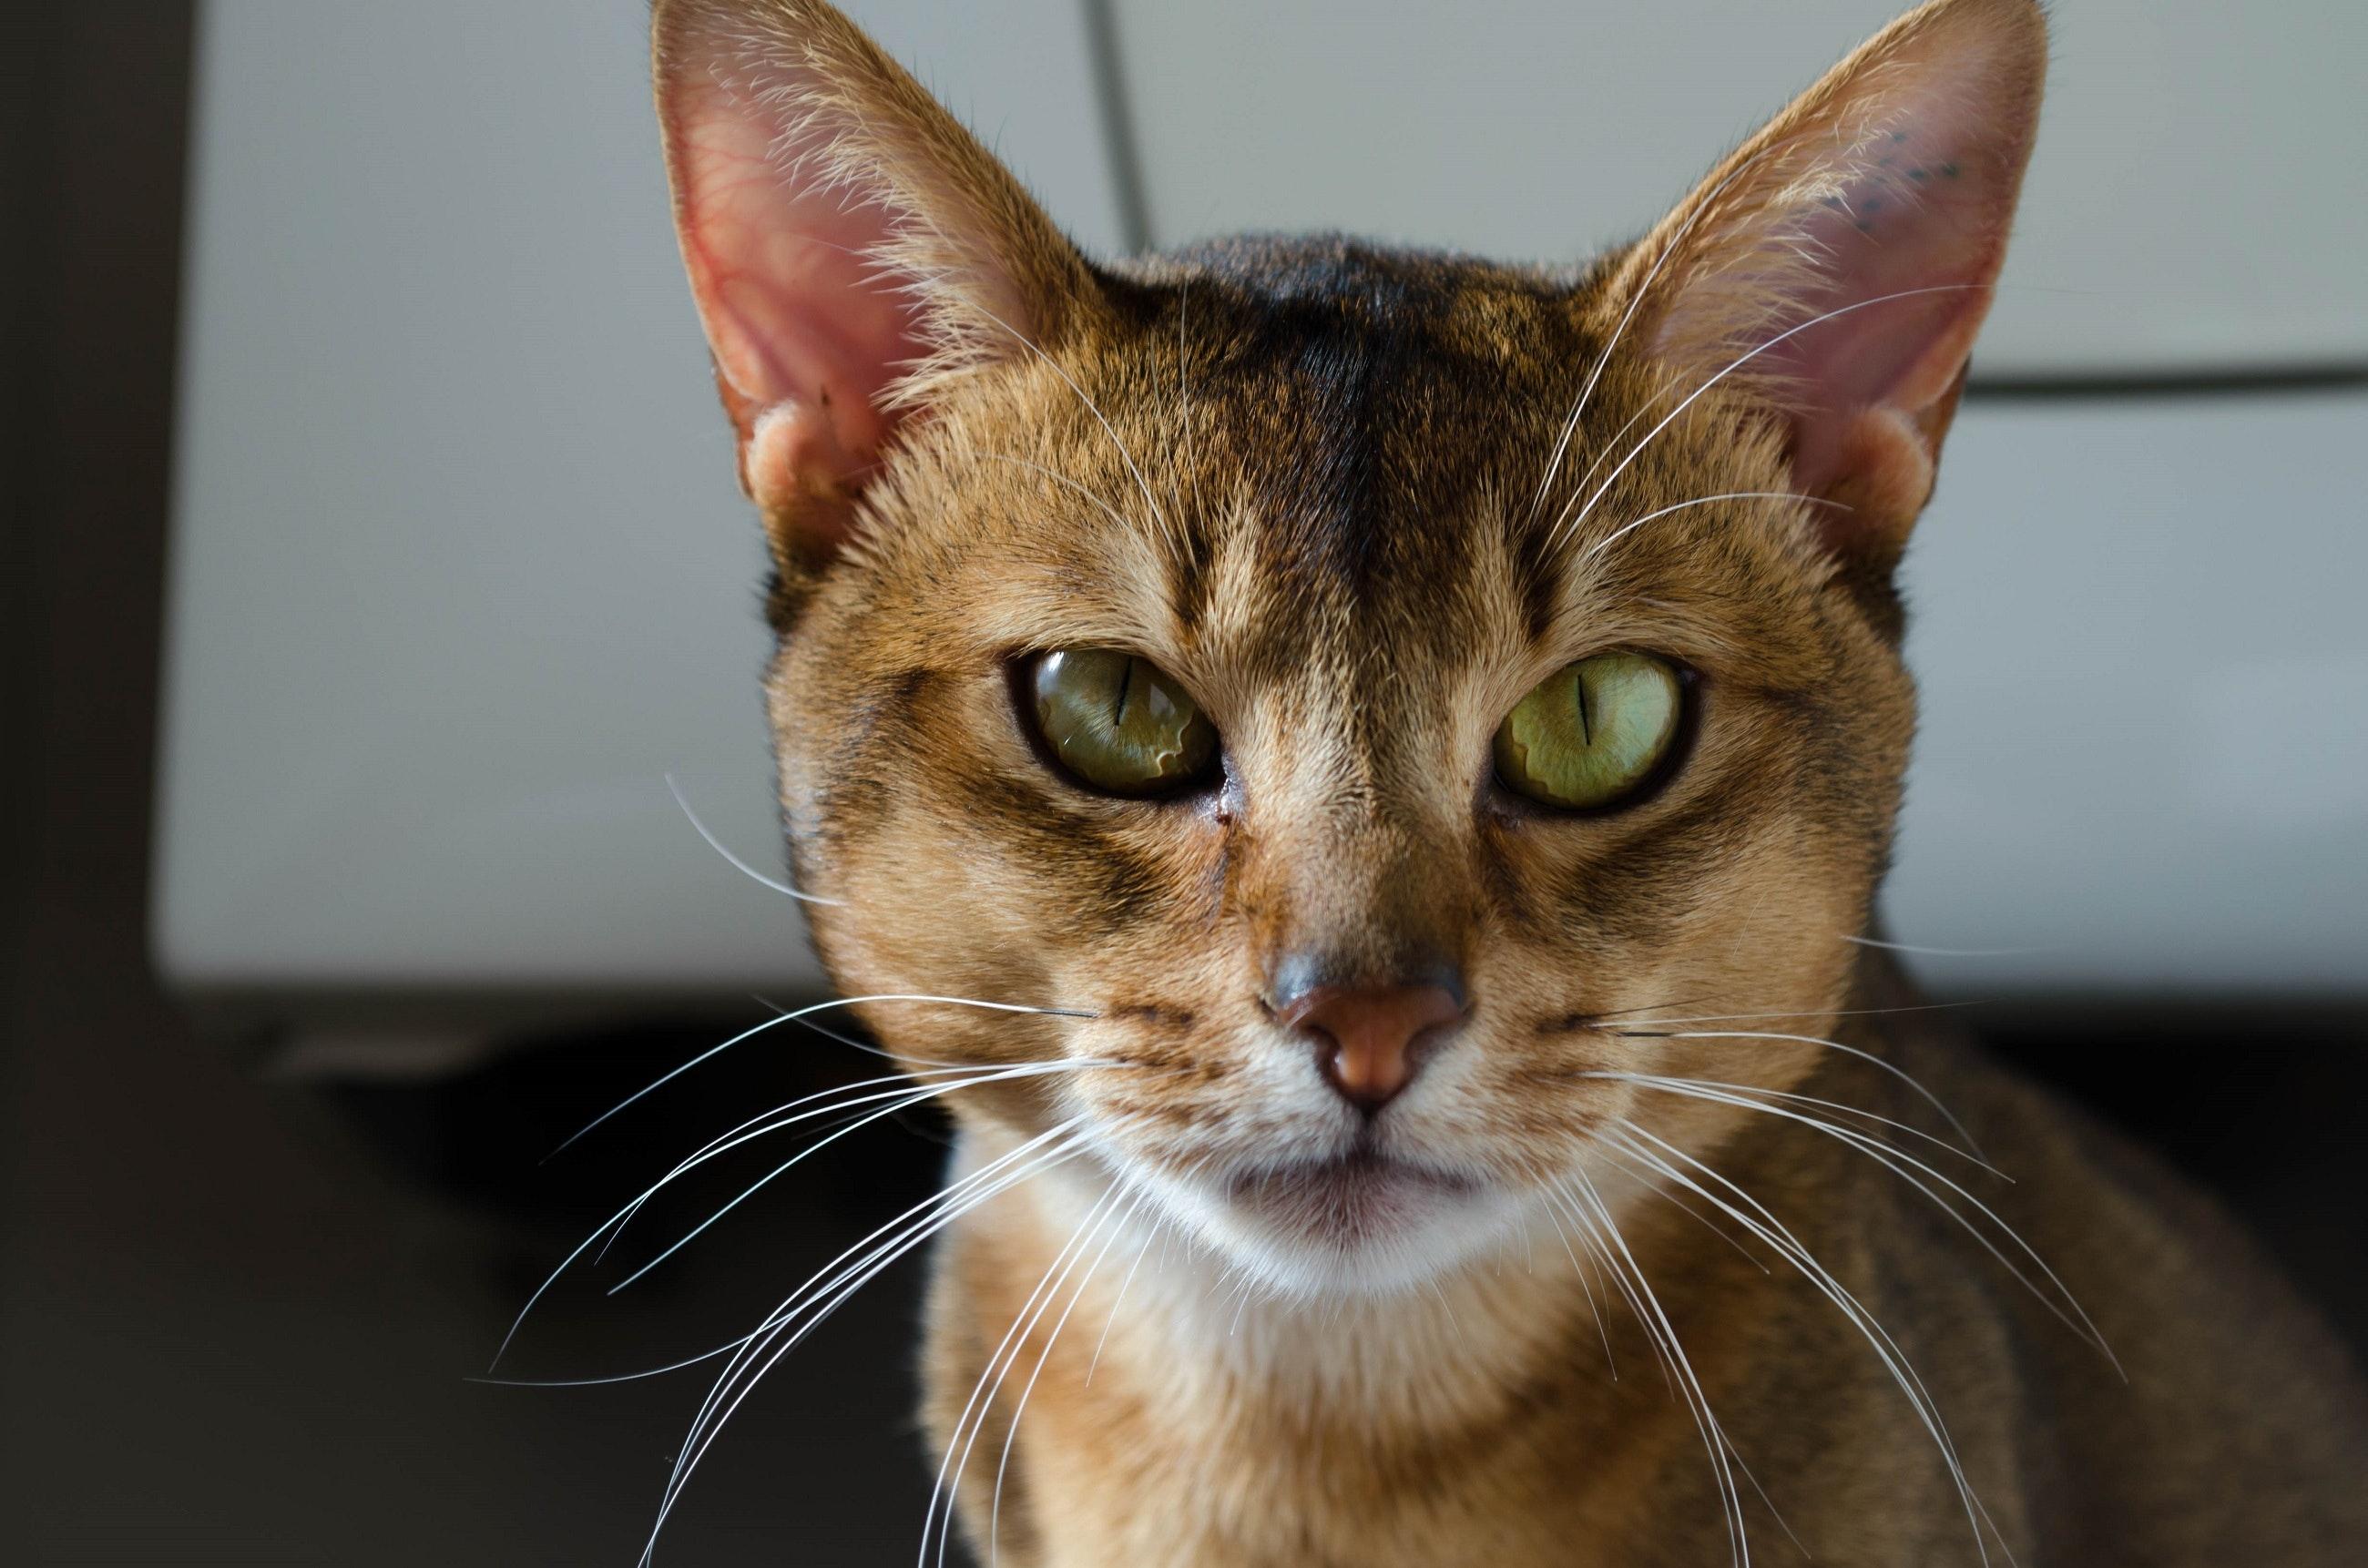 abissinio - Conheça o gato Abissínio